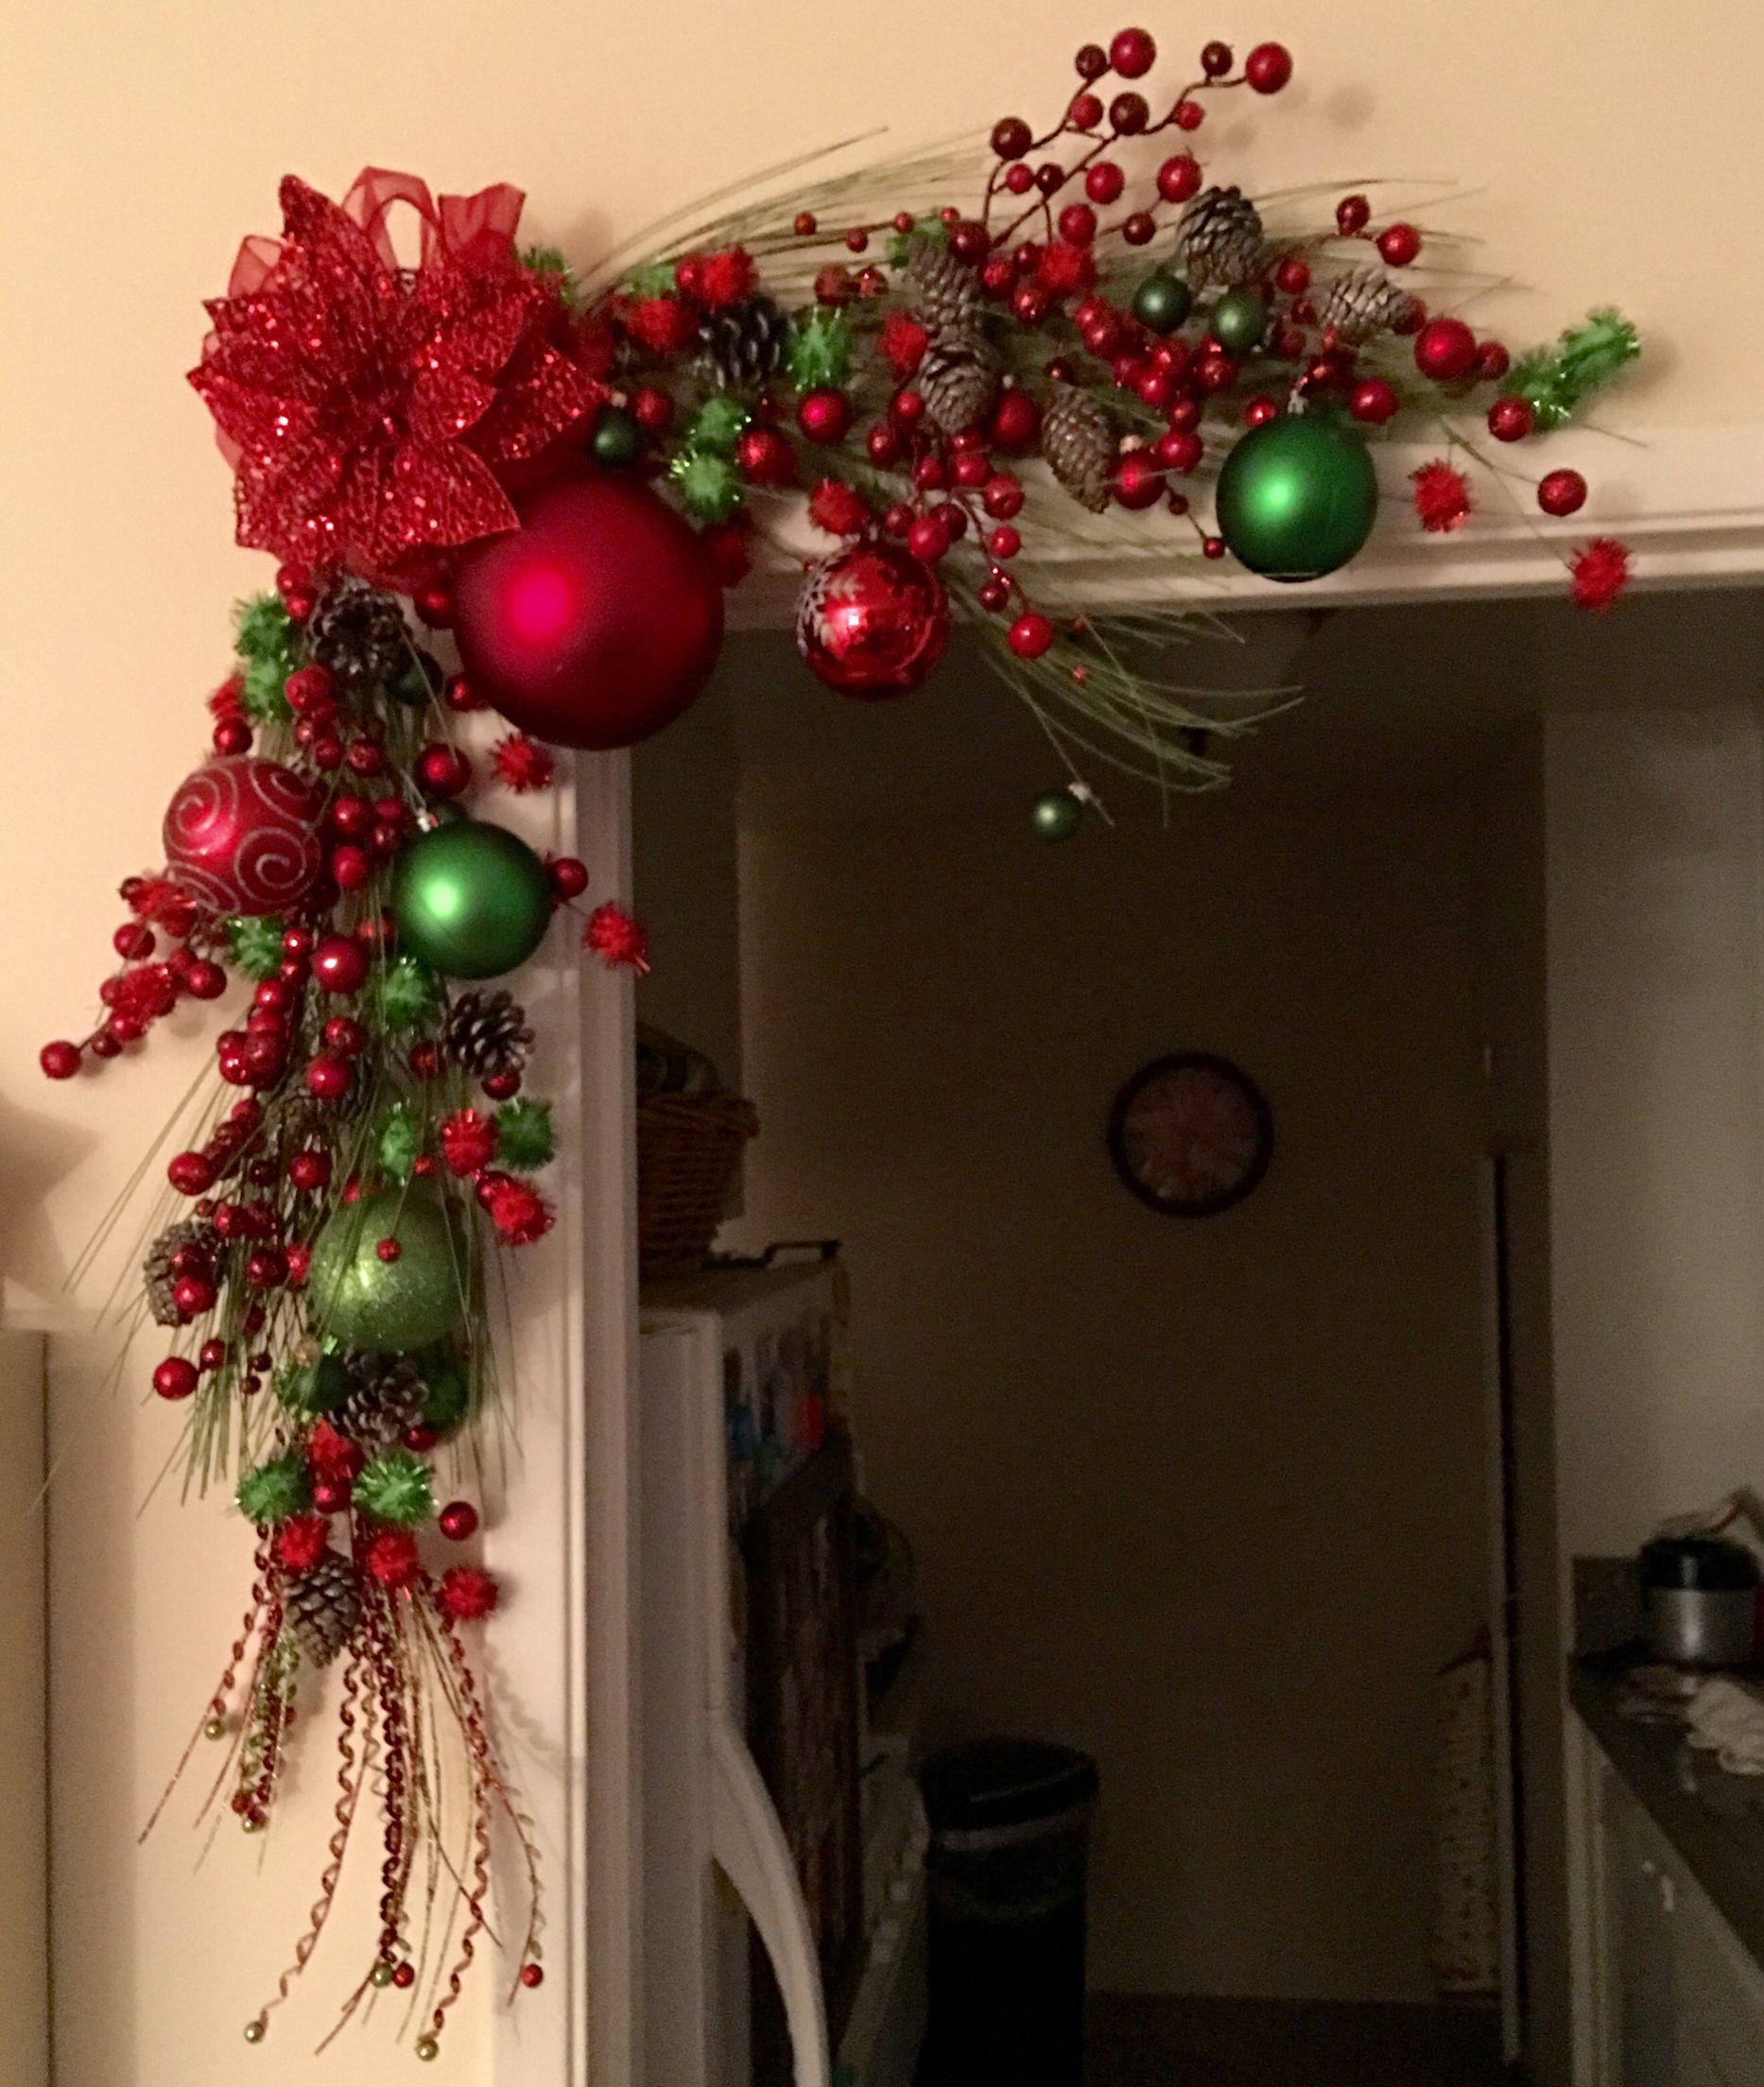 Navidad decoraci n de navidad manualidades navidad for Decoracion de navidad para ventanas y puertas